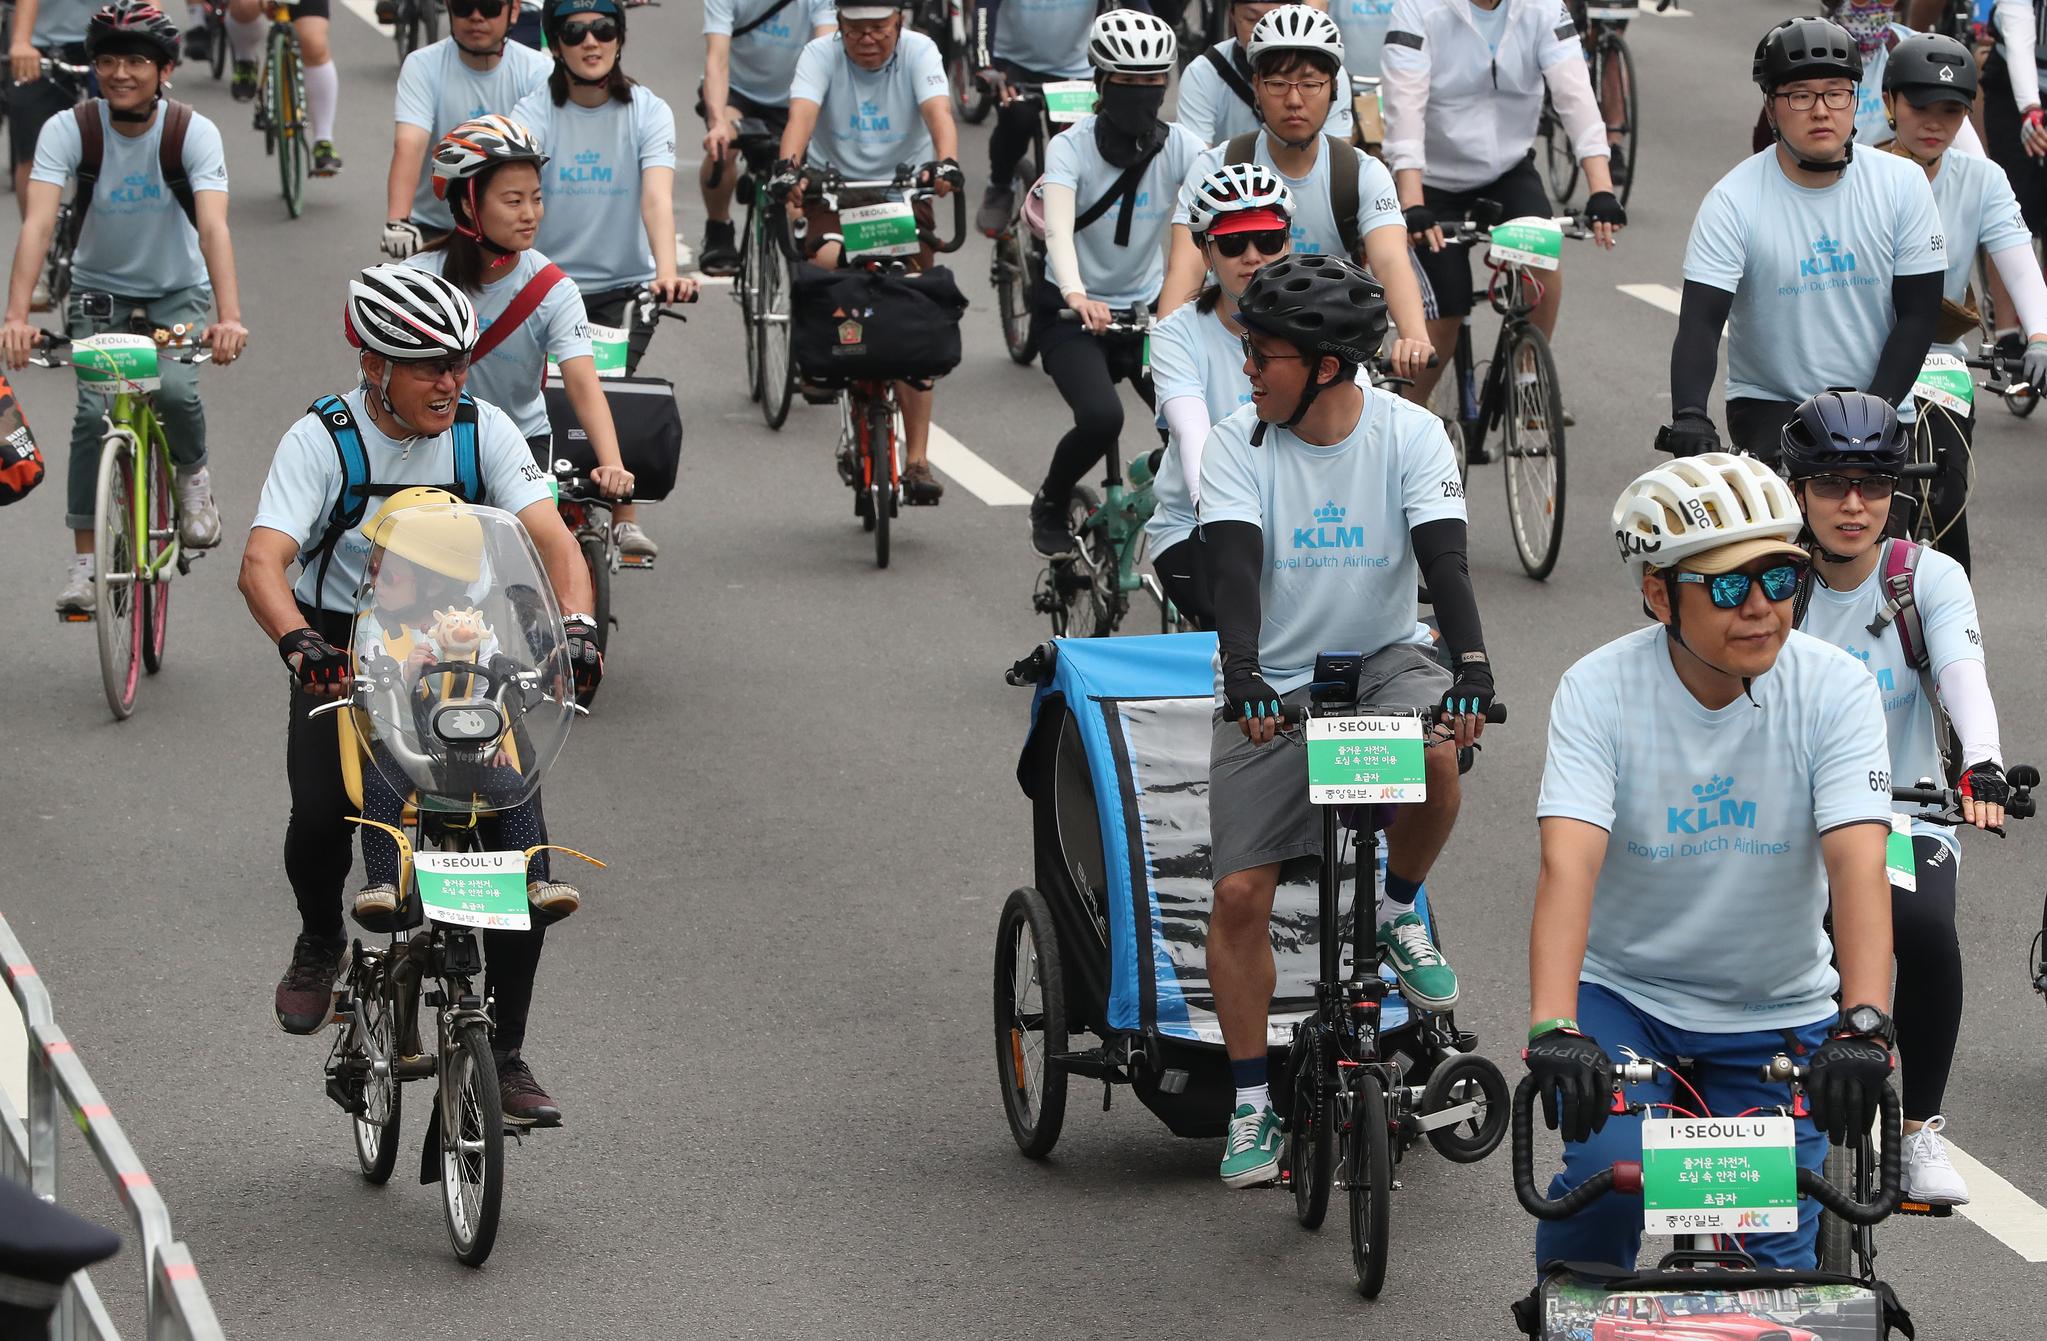 아이와 함께 독특한 자전거를 탄 두 아버지 참가자들이 서로를 바라보고 이야기를 나누고 있다. 우상조 기자